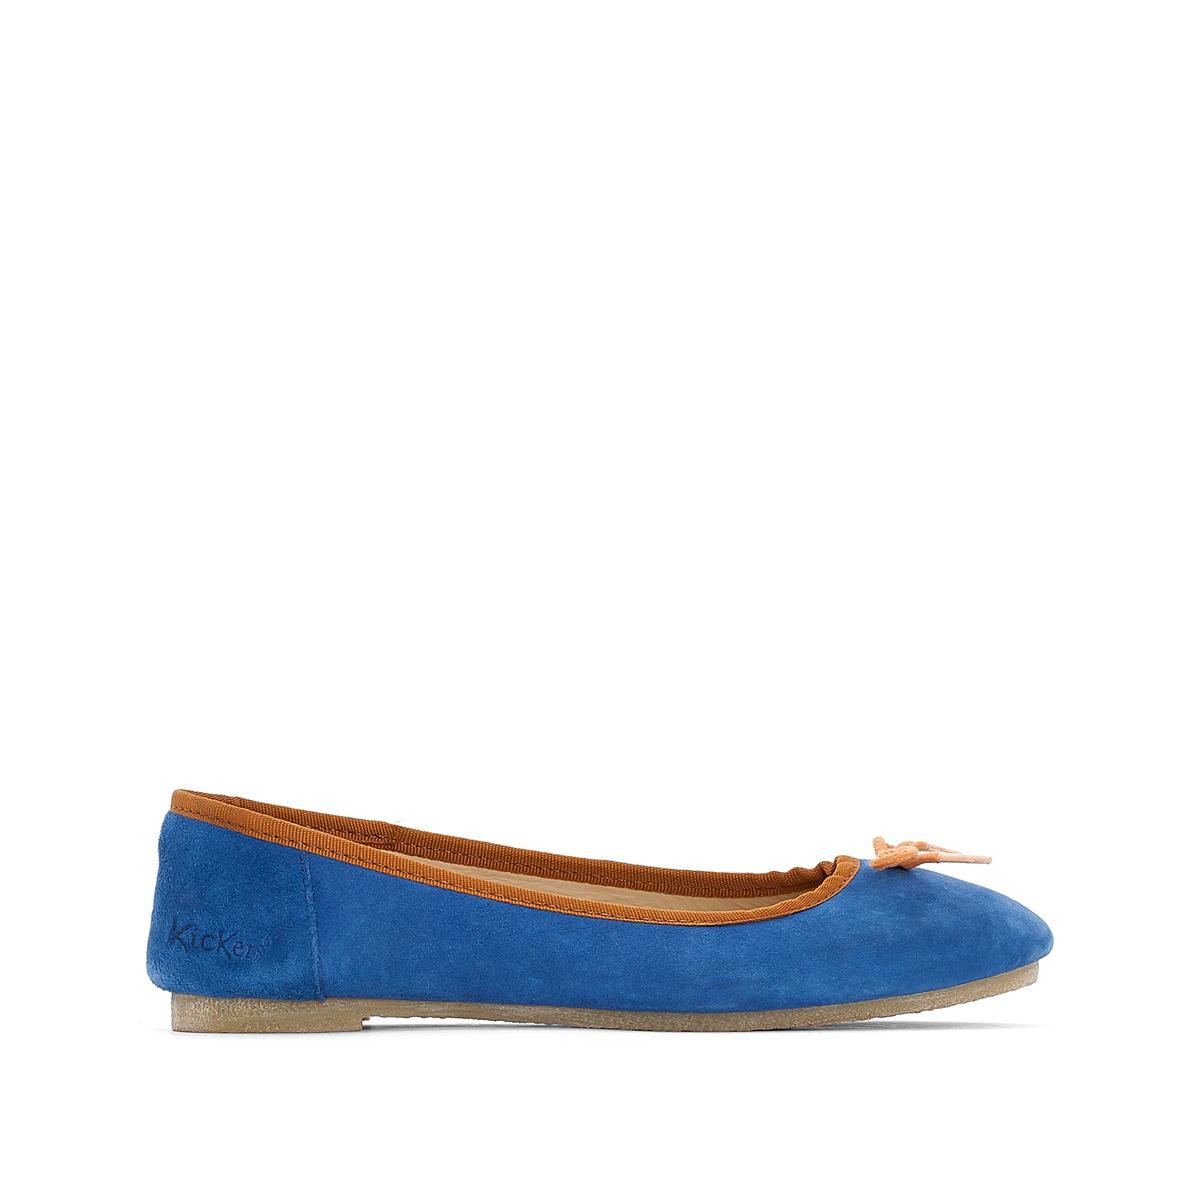 Балетки BaieВерх/Голенище: Велюр    Подкладка: невыделанная кожа     Стелька: невыделанная кожа    Подошва: синтетика    Высота каблука: 0,5 см    Форма каблука: плоский    Мысок: закругленныйЗастежка: без застежки<br><br>Цвет: красный,светлый каштан,синий